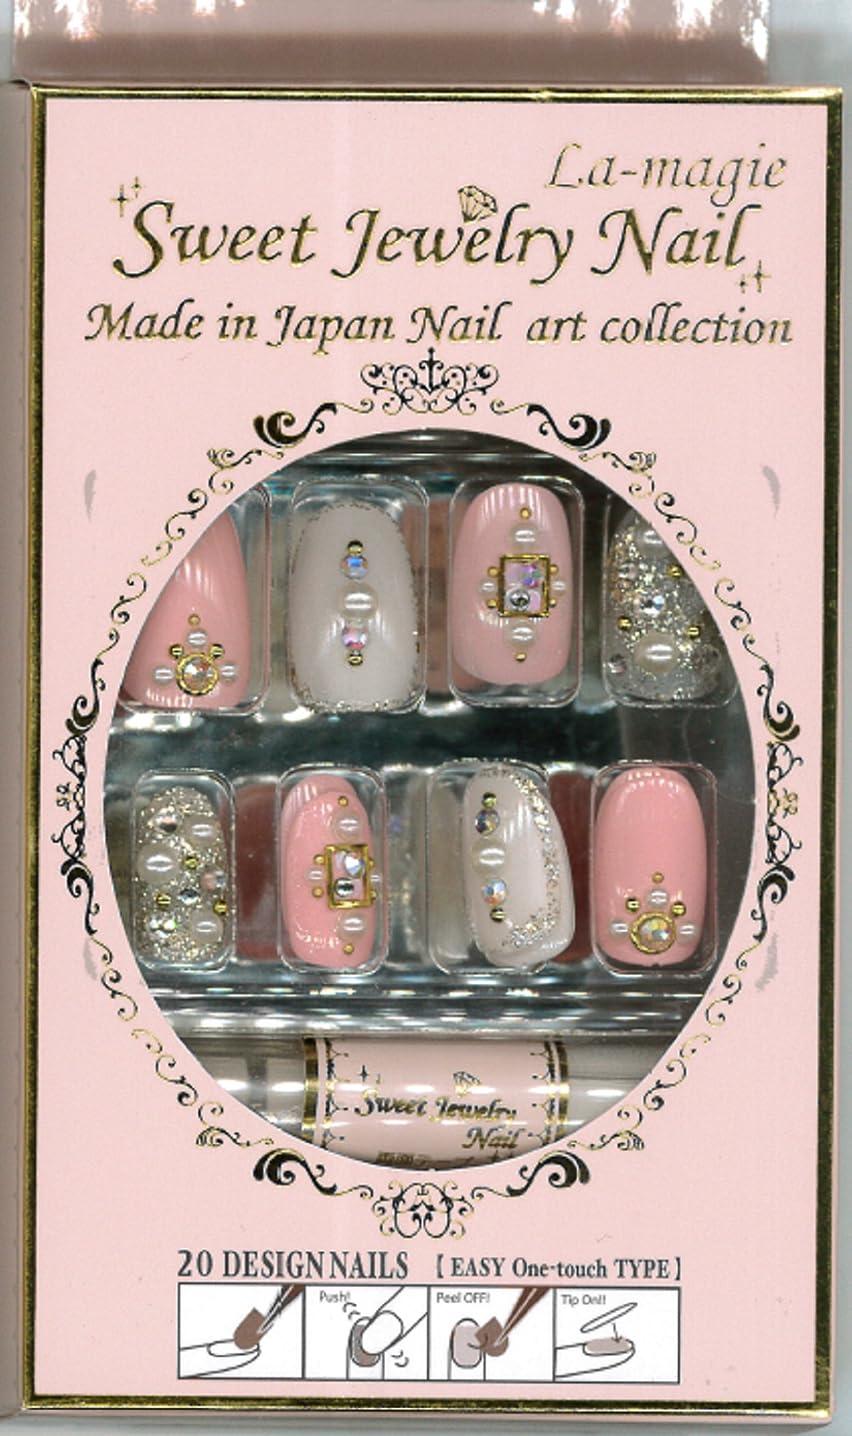 ベンチライトニング買い手Sweet Jewelry Nail ネイルチップ (La-magie)ラ?マジィ LJ-54